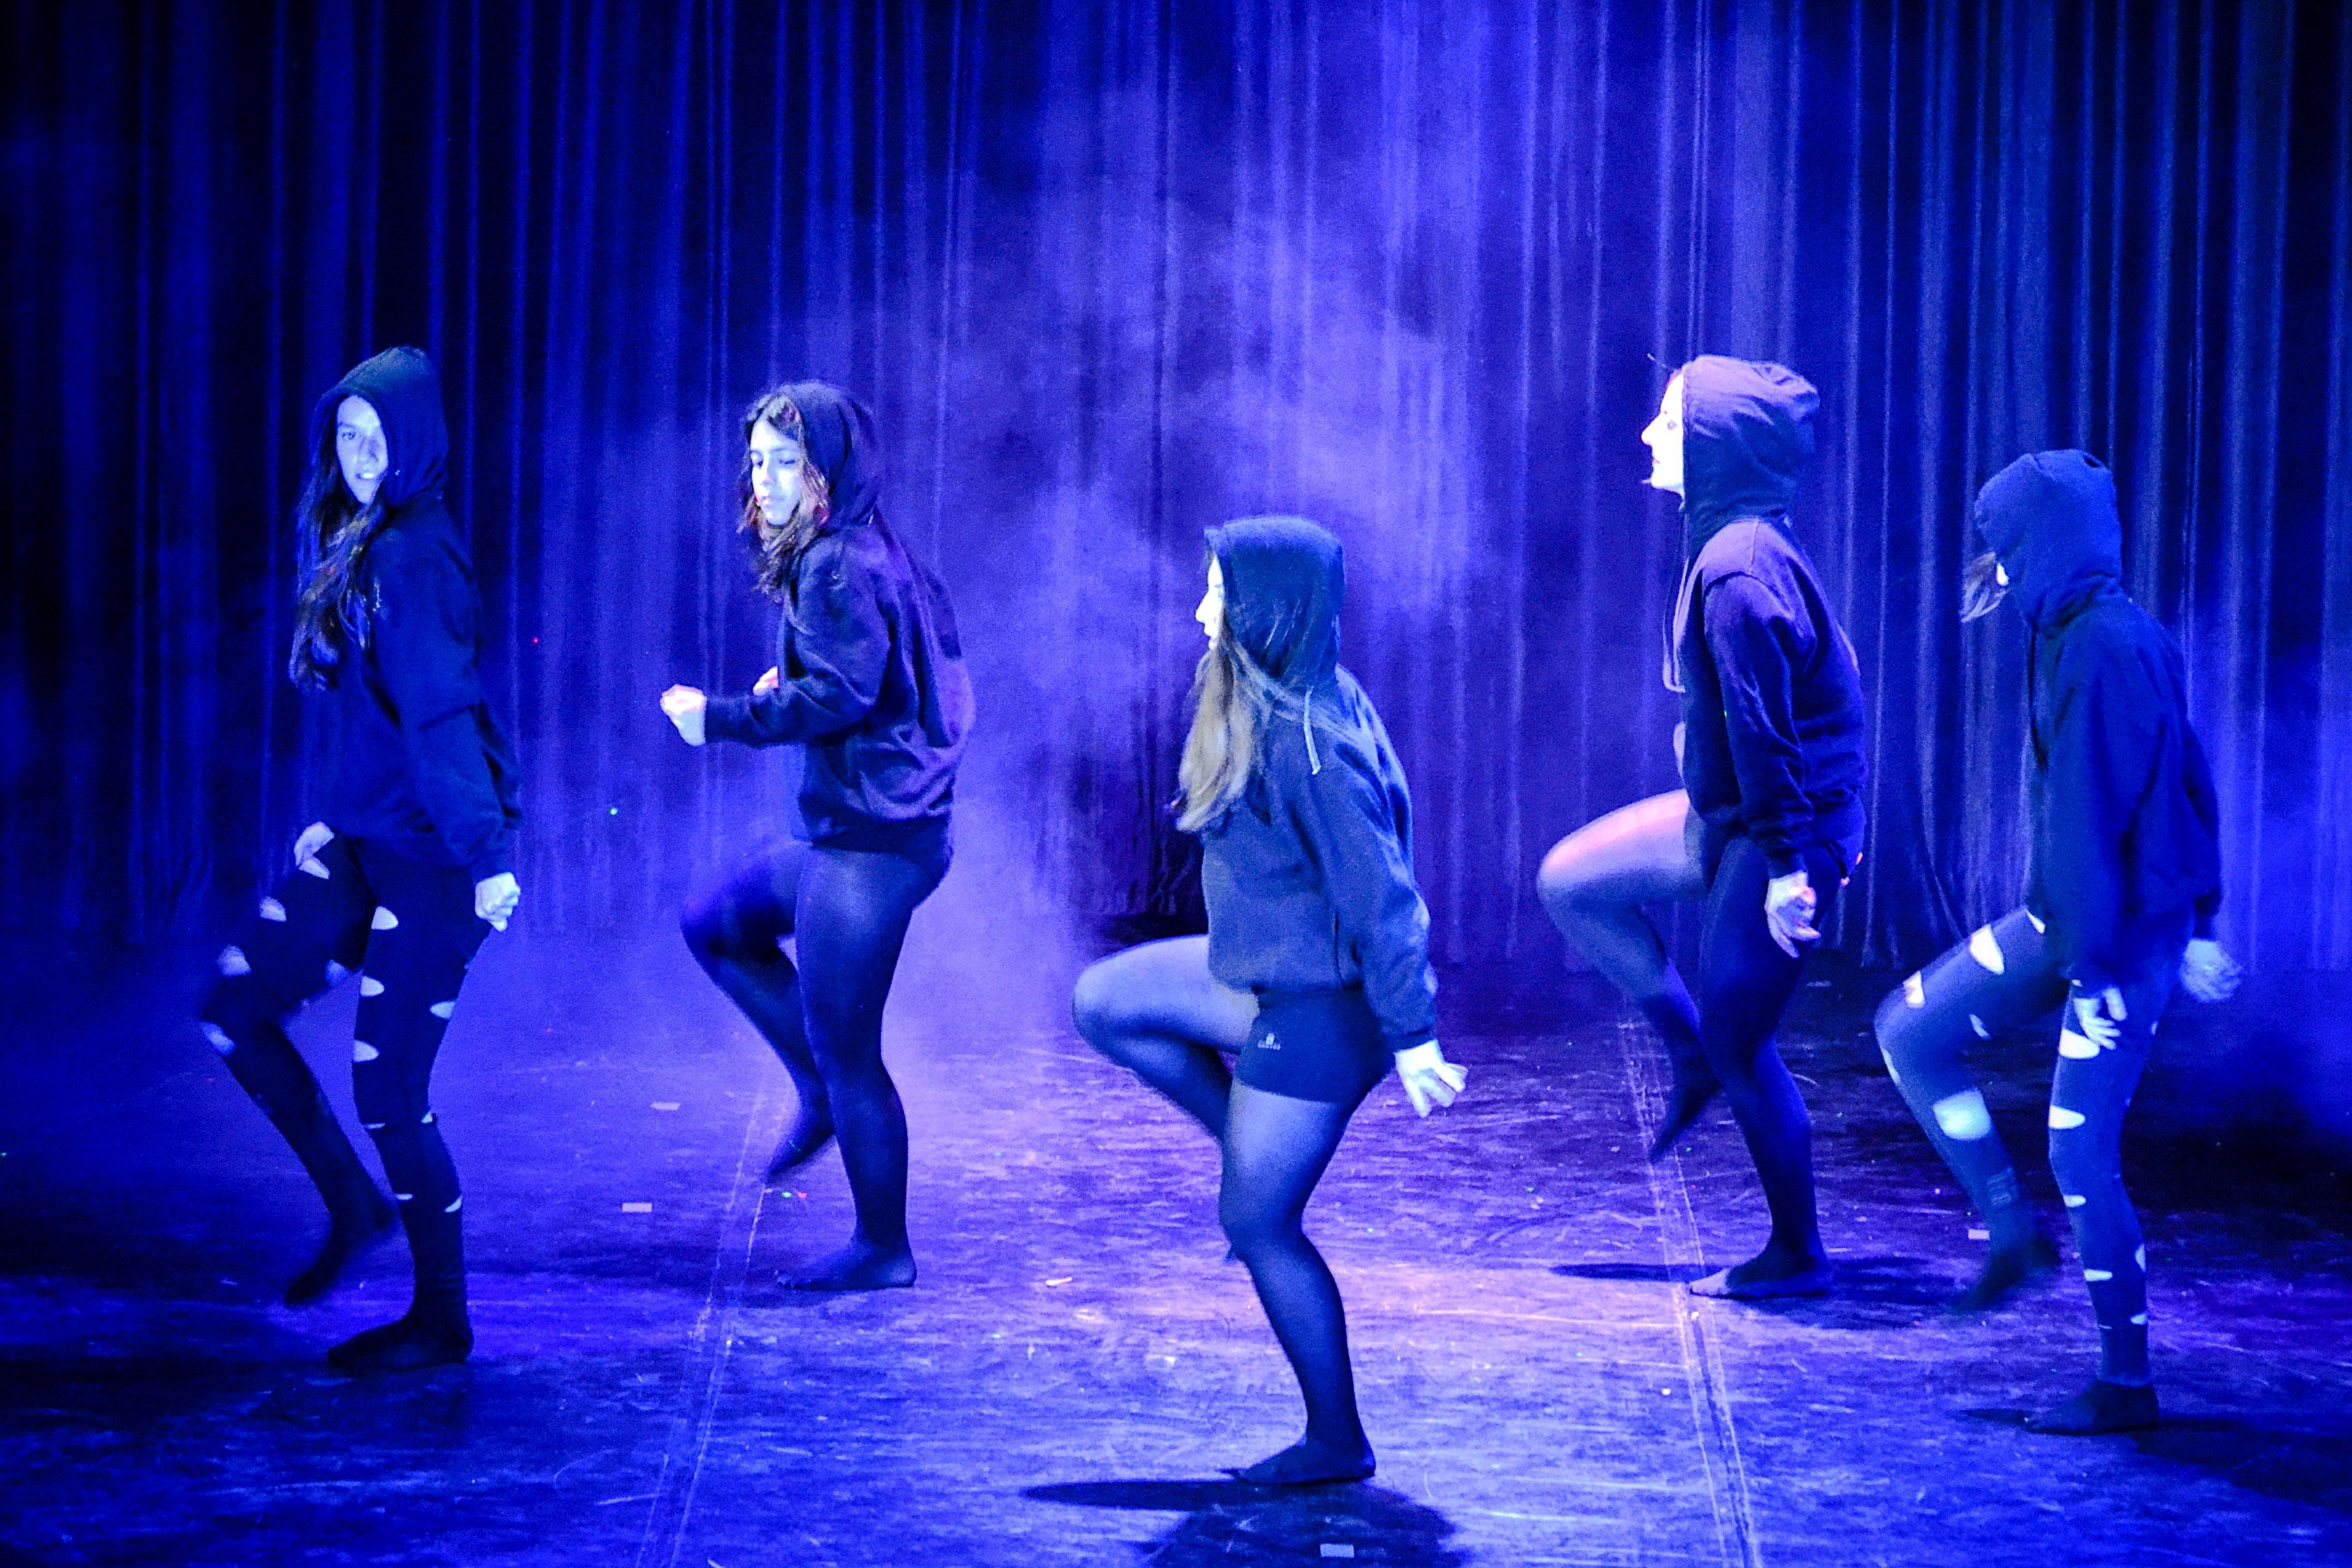 Linea-de-Baile-festival-verano-2015-clases-de-baile-valencia-174